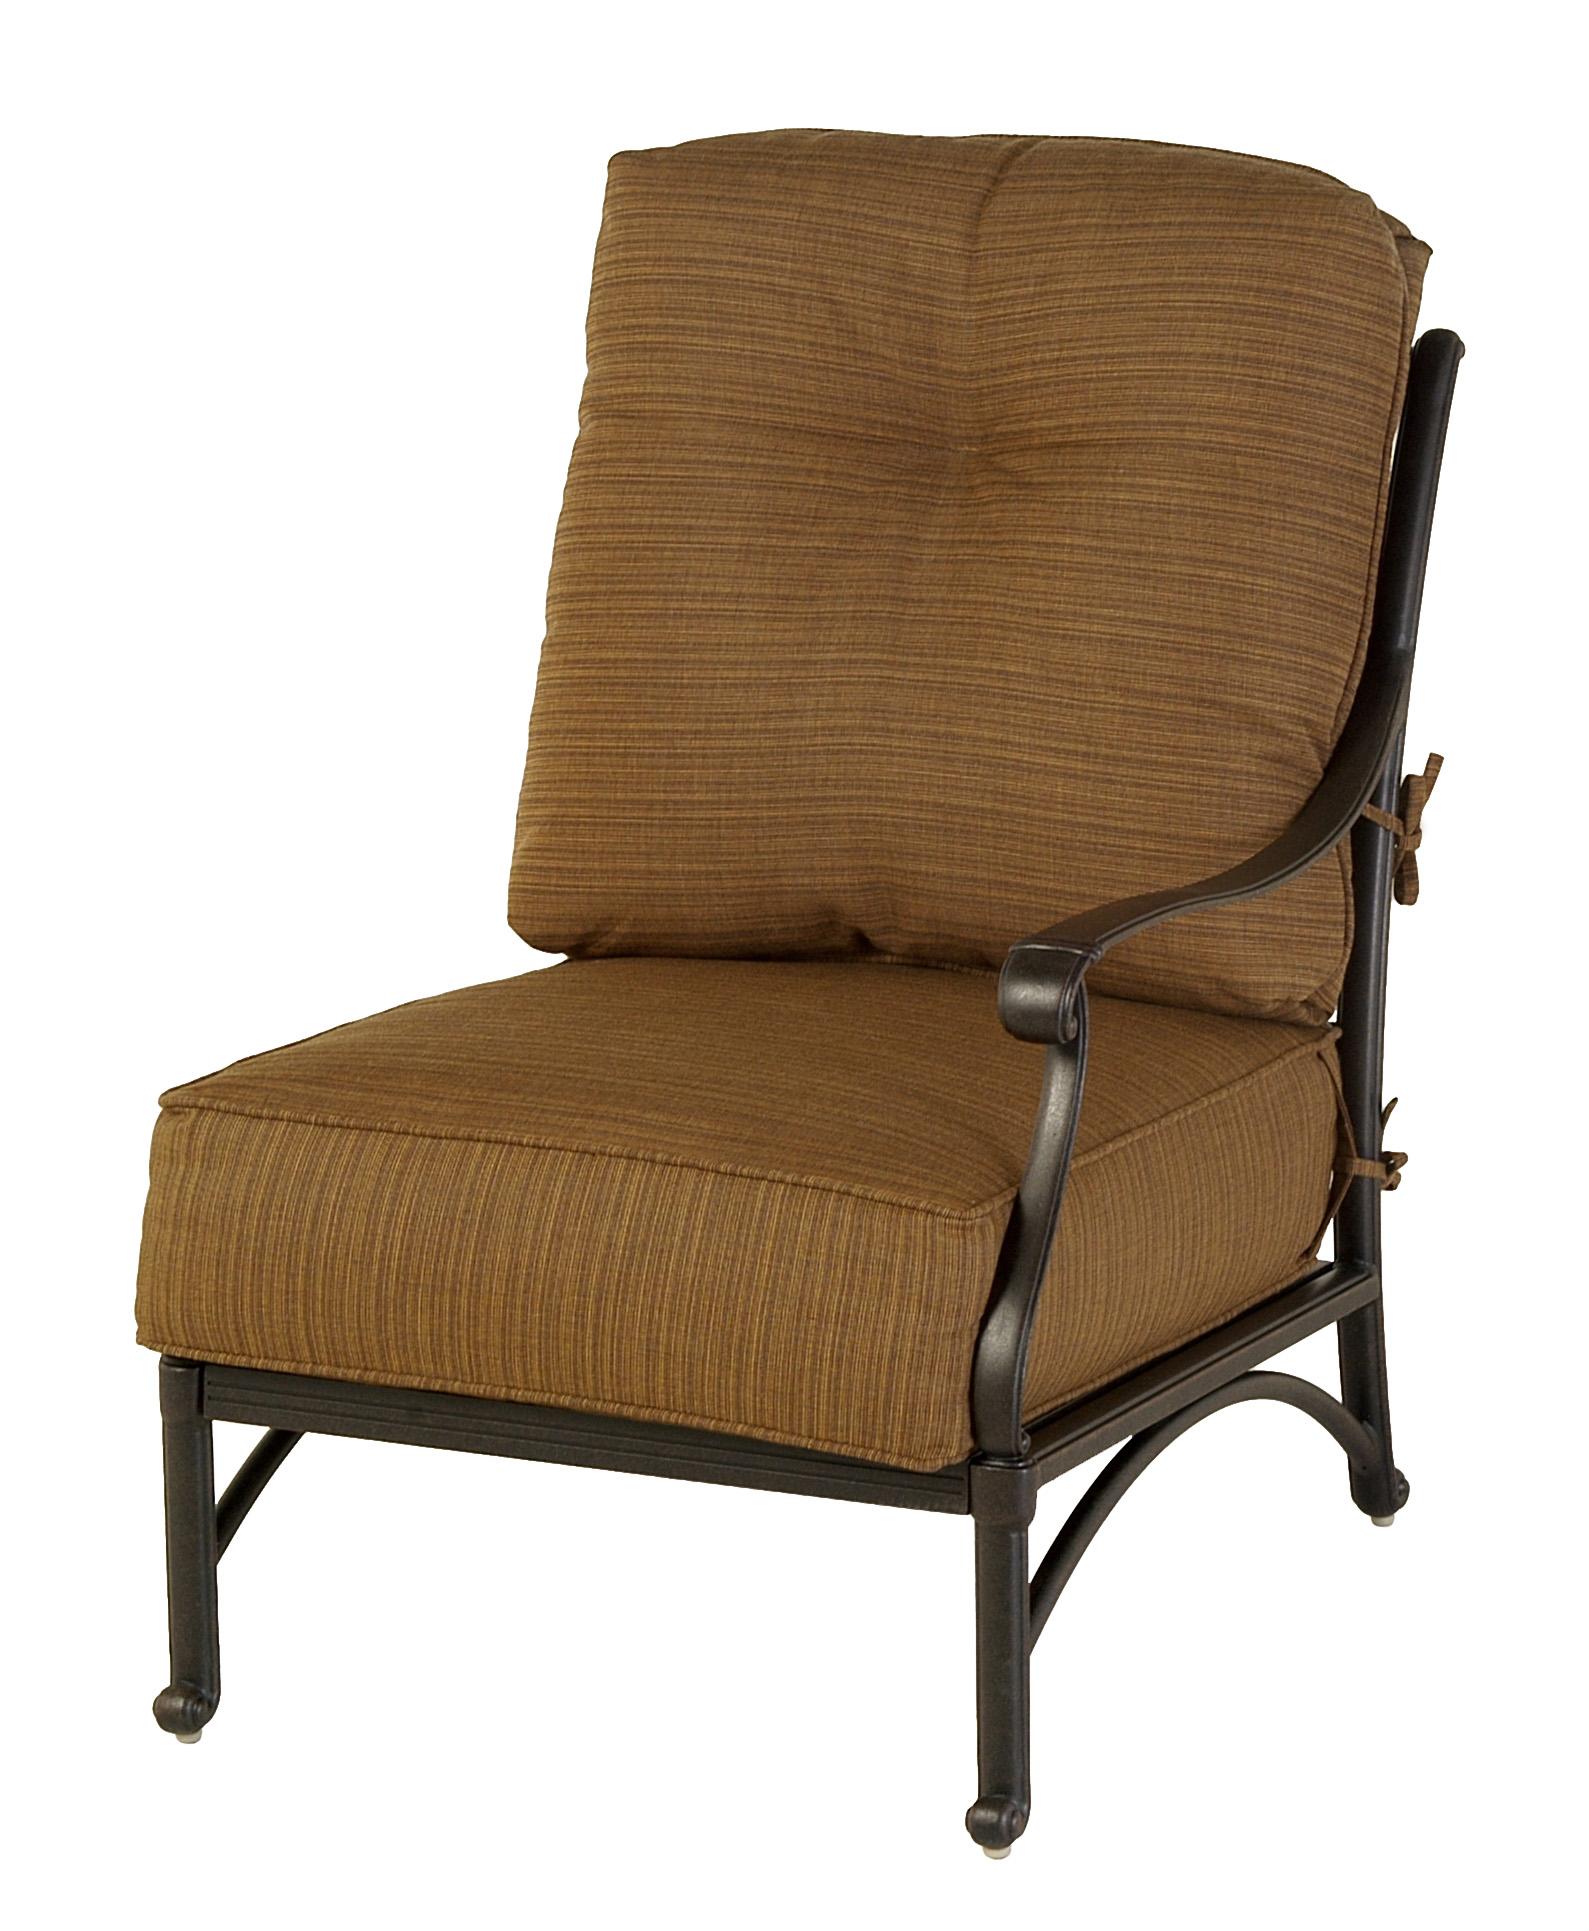 Mayfair Estate Club Left Chair